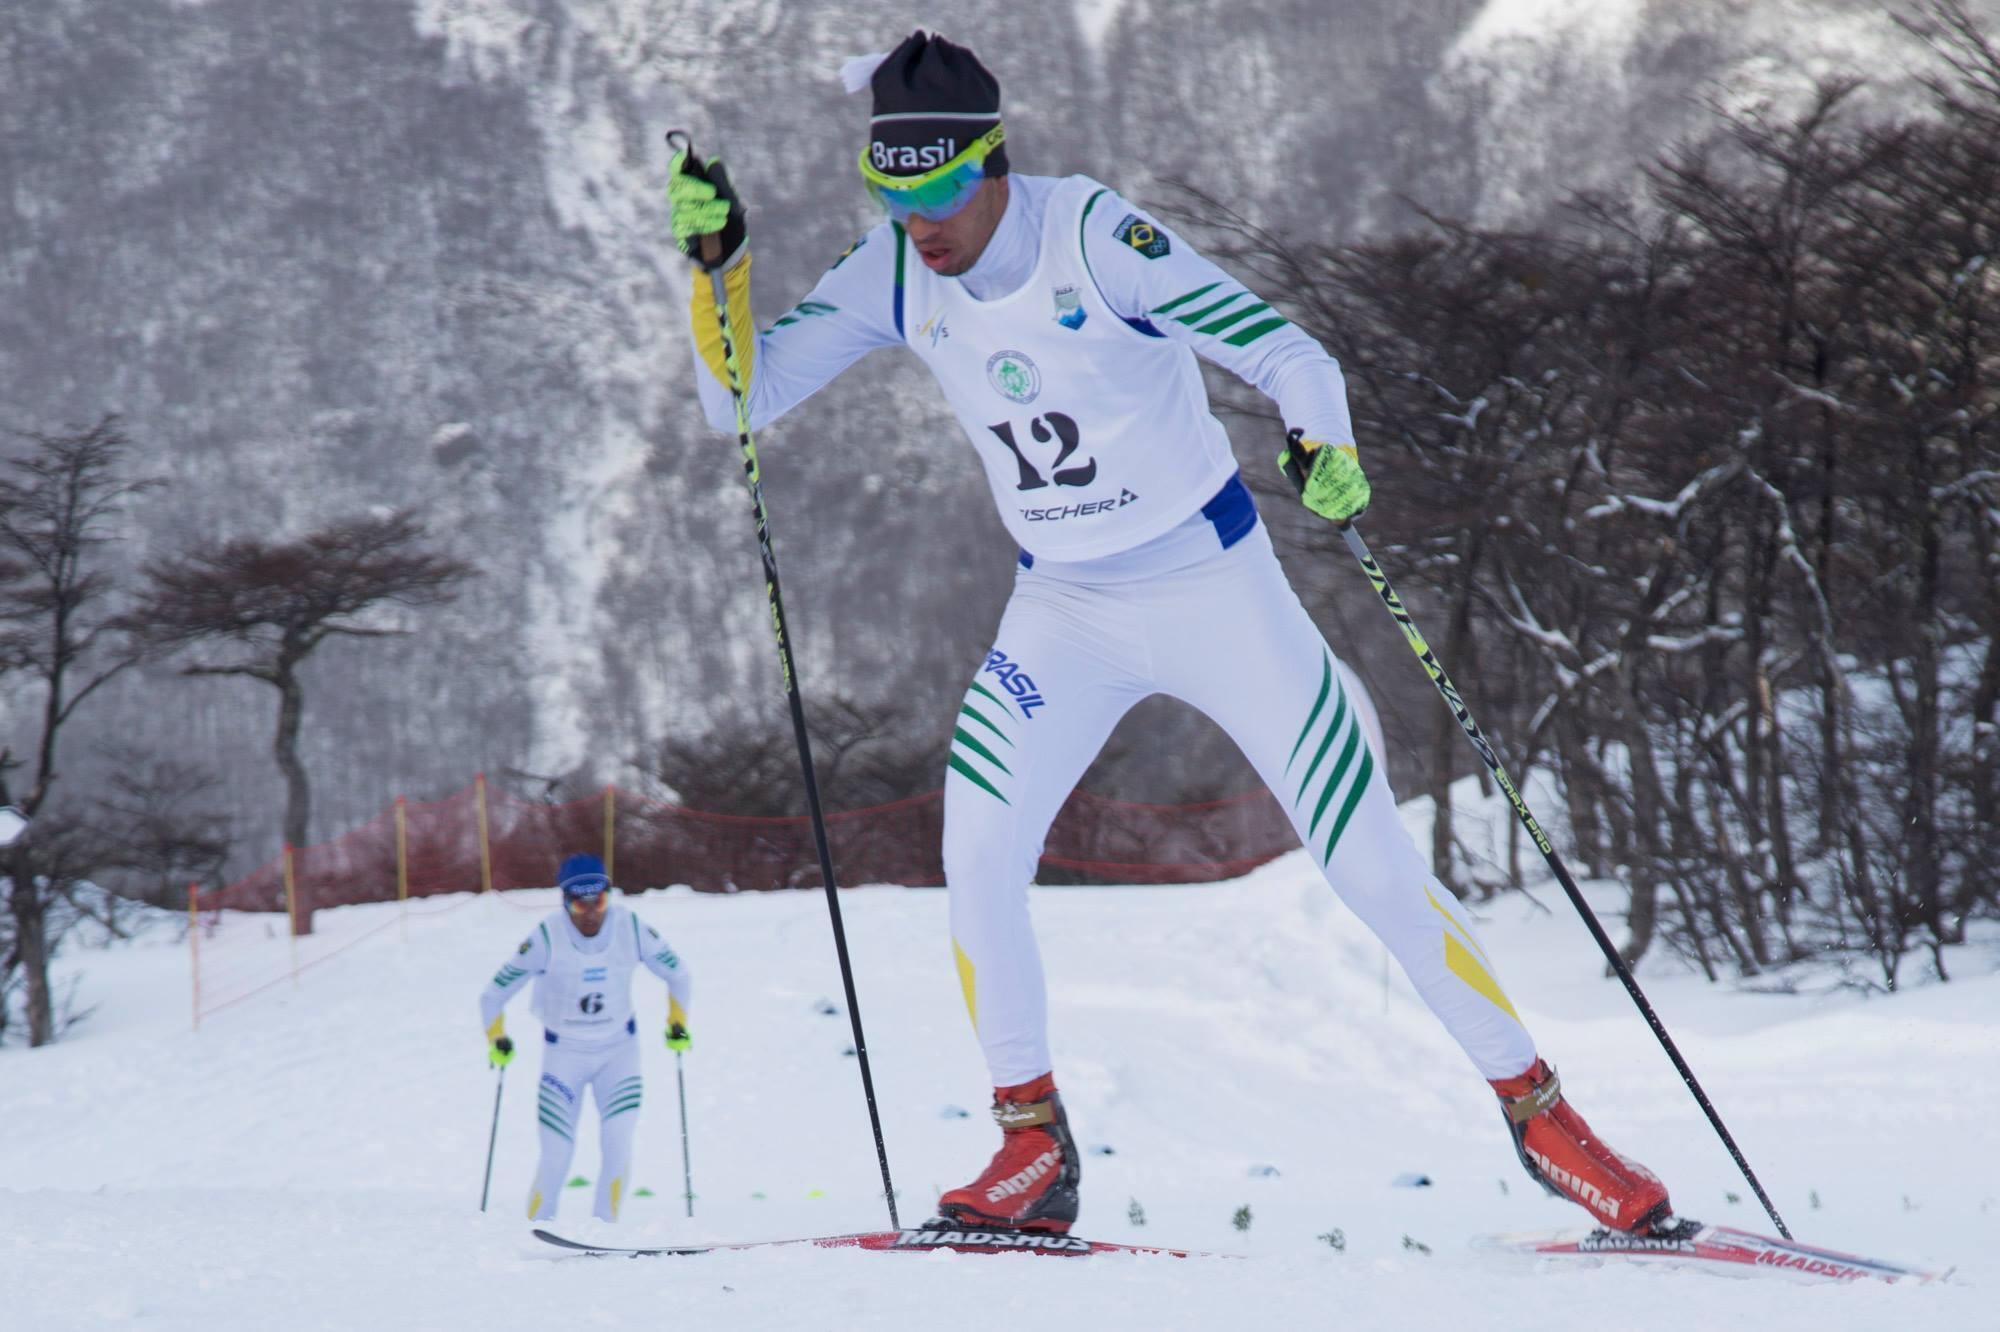 Victor Santos – Atleta de Ski Cross Country classificado para PyeongChang 2018